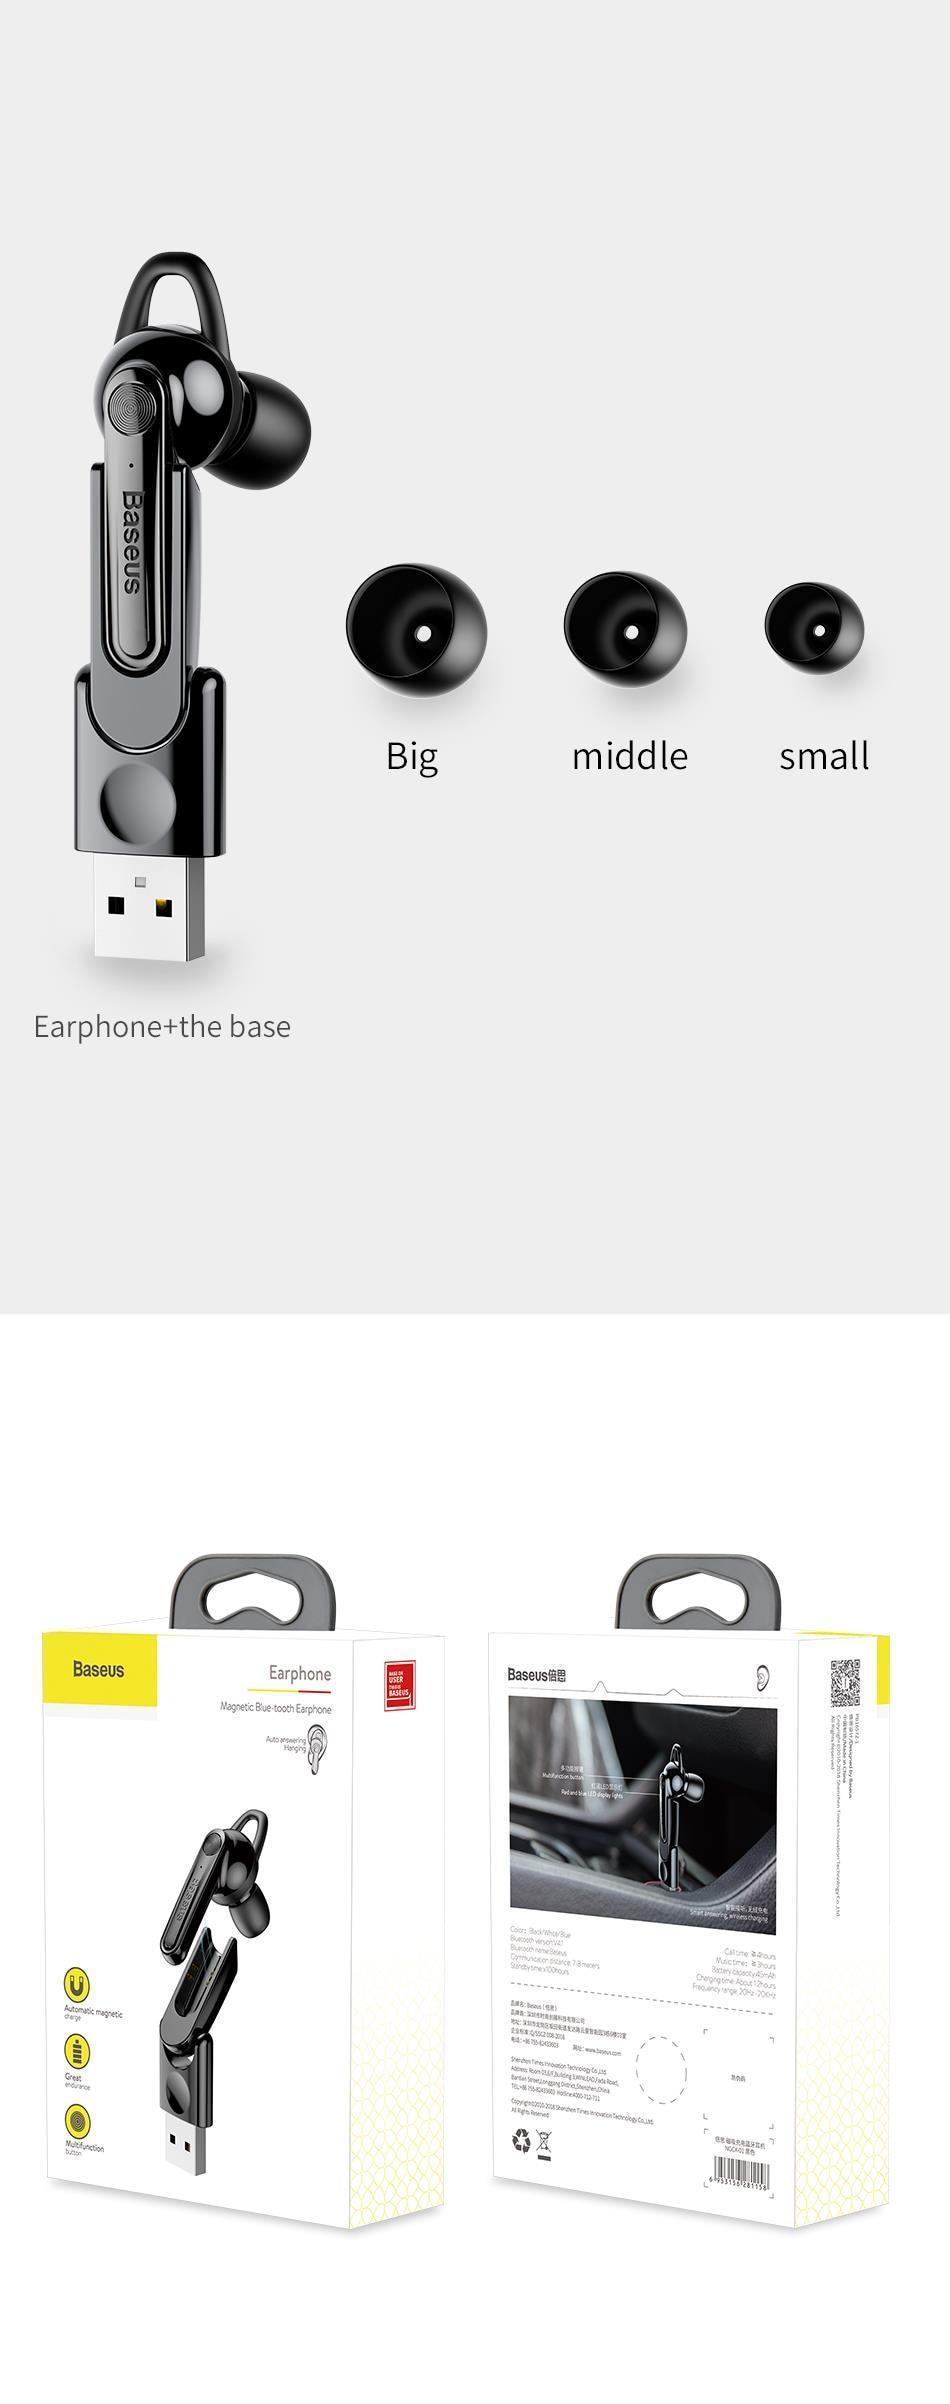 Tai nghe không dây Bluetooth 4.2 thiết kế cao cấp phím cảm ứng thông minh sạc từ Thương hiệu Baseus NGCX - Hàng chính Hãng